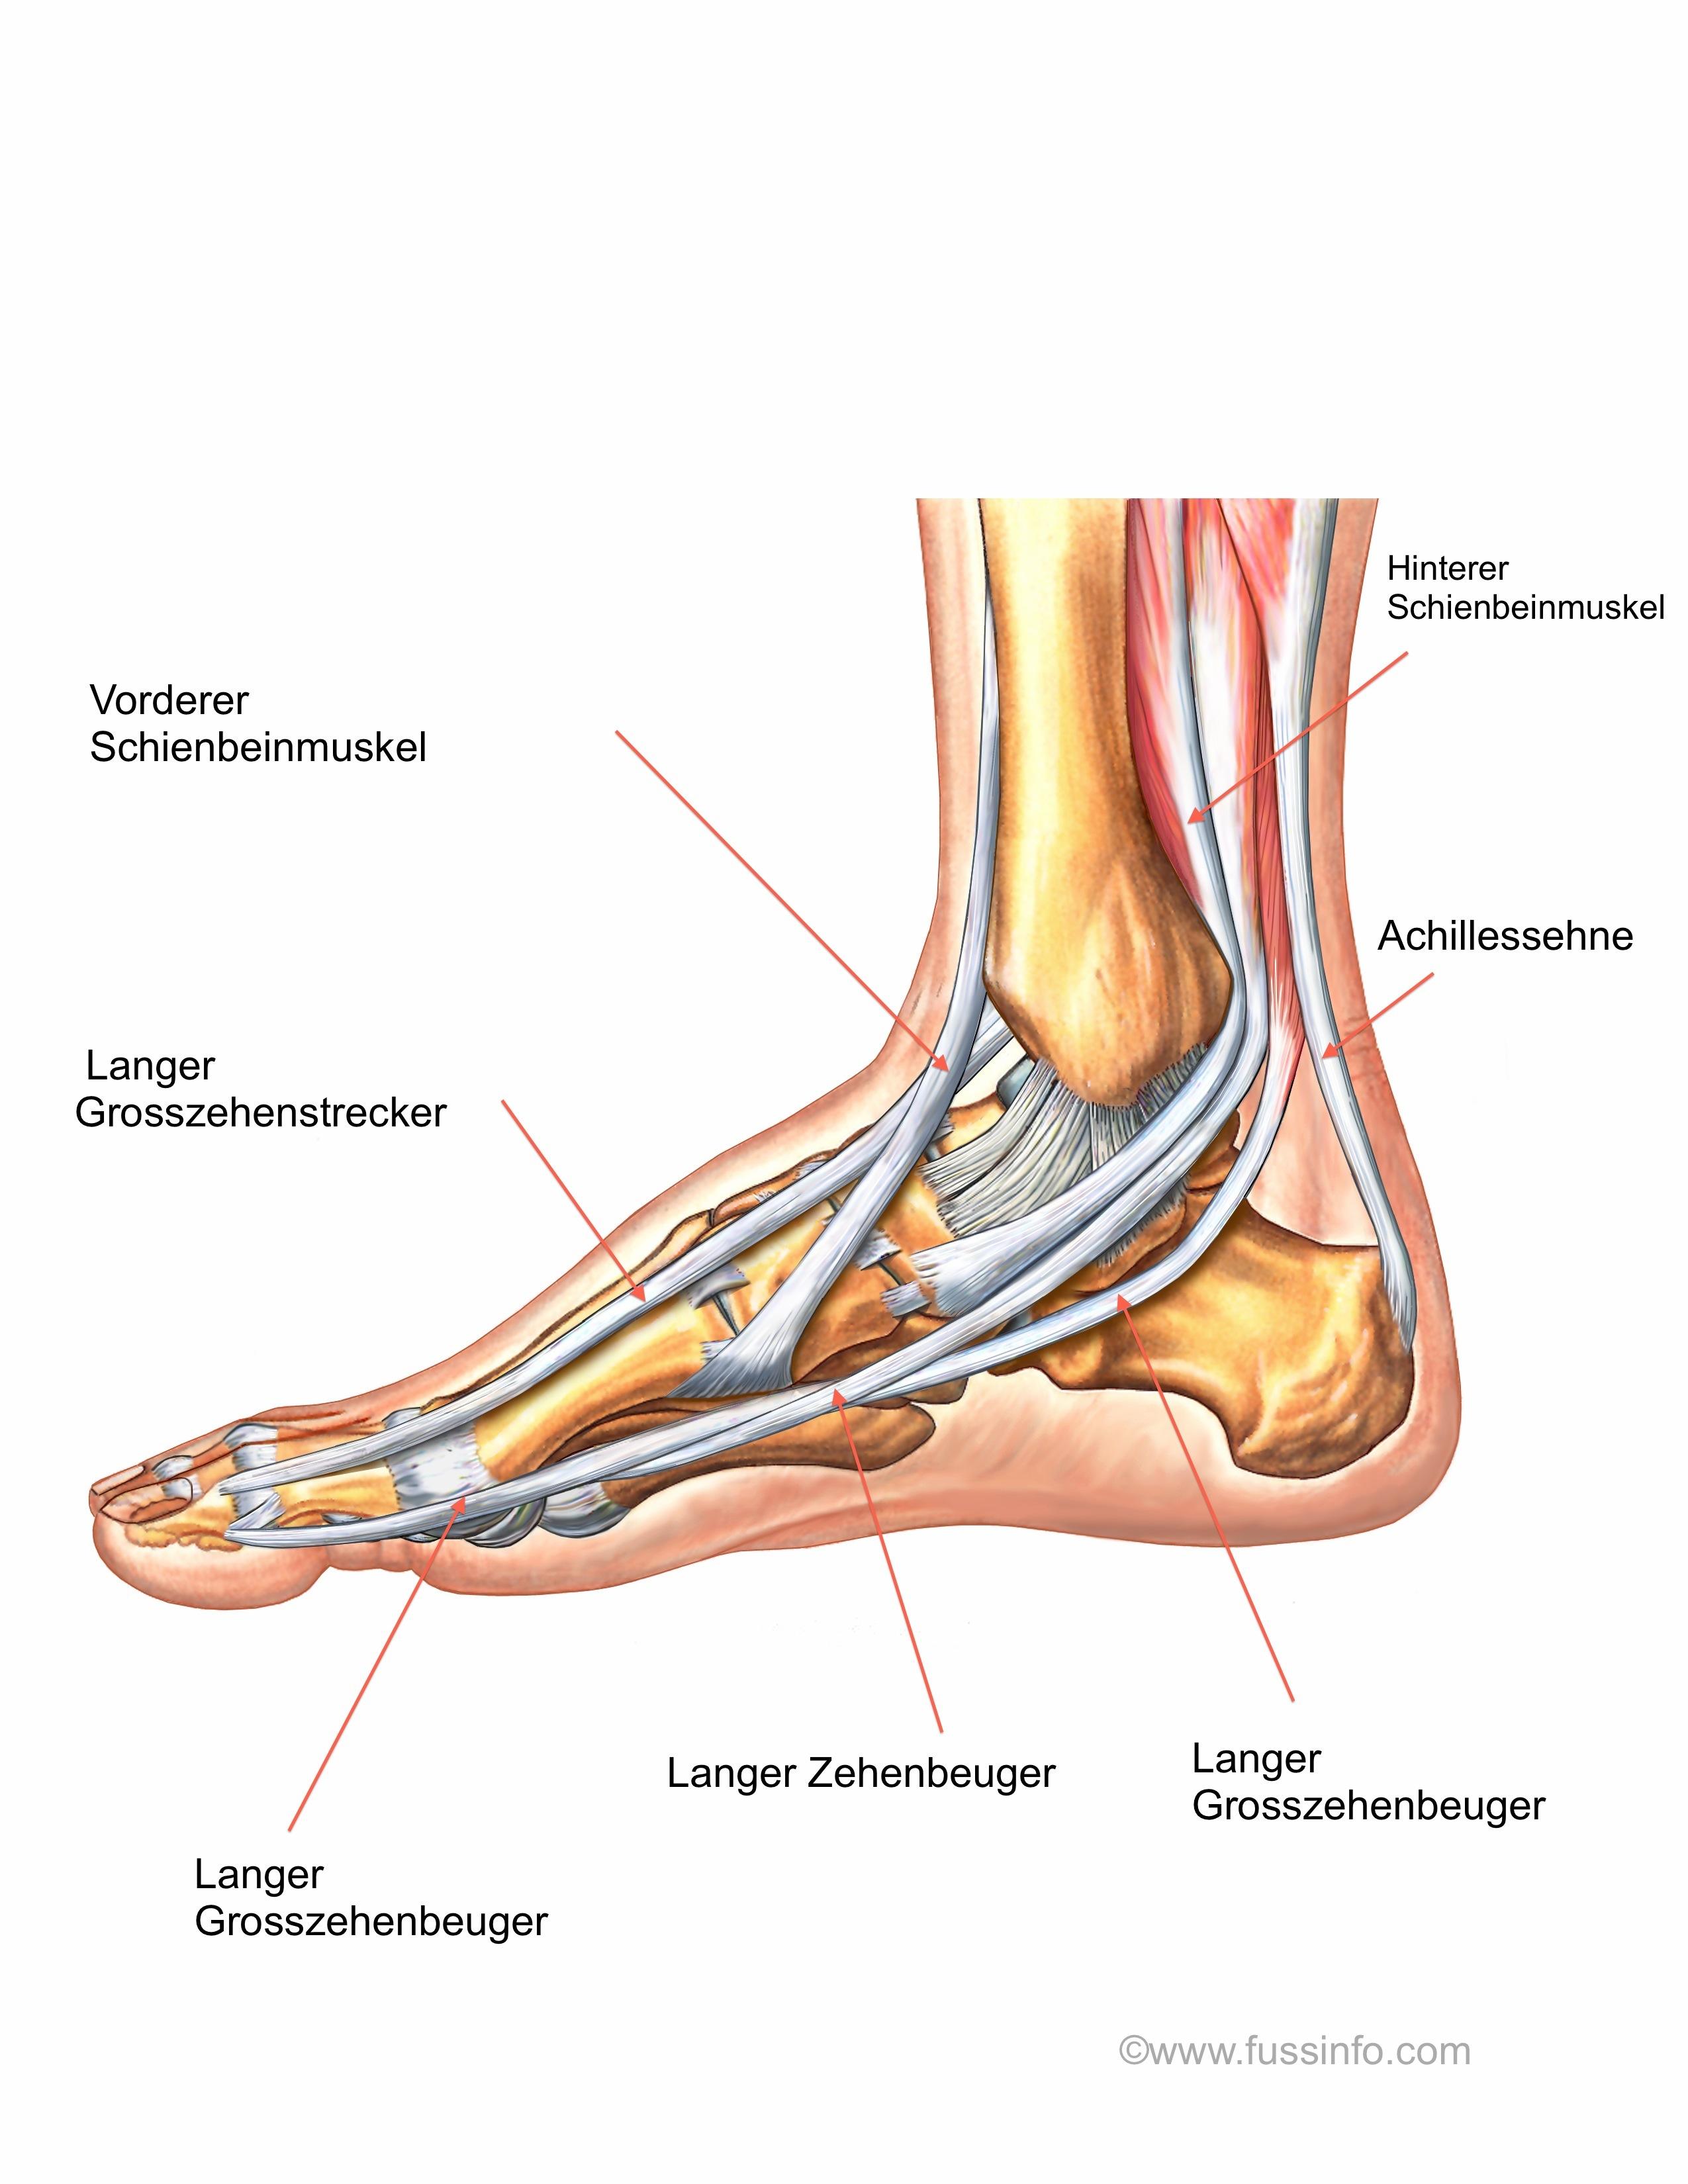 Beste Anatomie Fuß Sehnen Galerie - Menschliche Anatomie Bilder ...